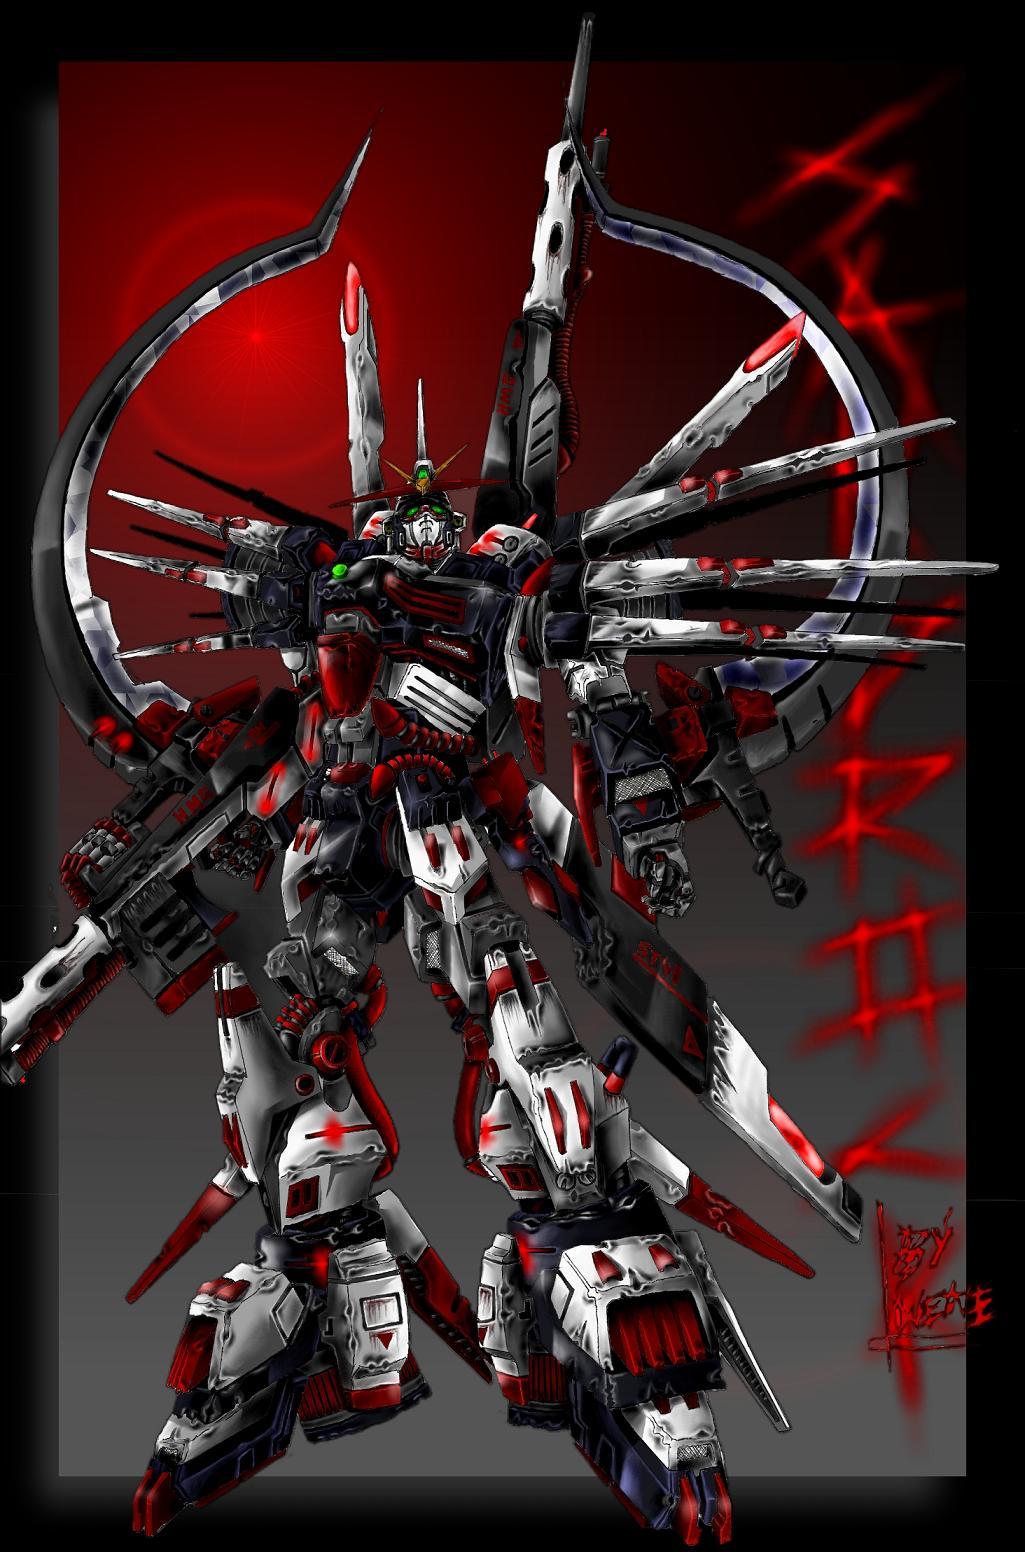 Gundam Wing Wallpaper - WallpaperSafari